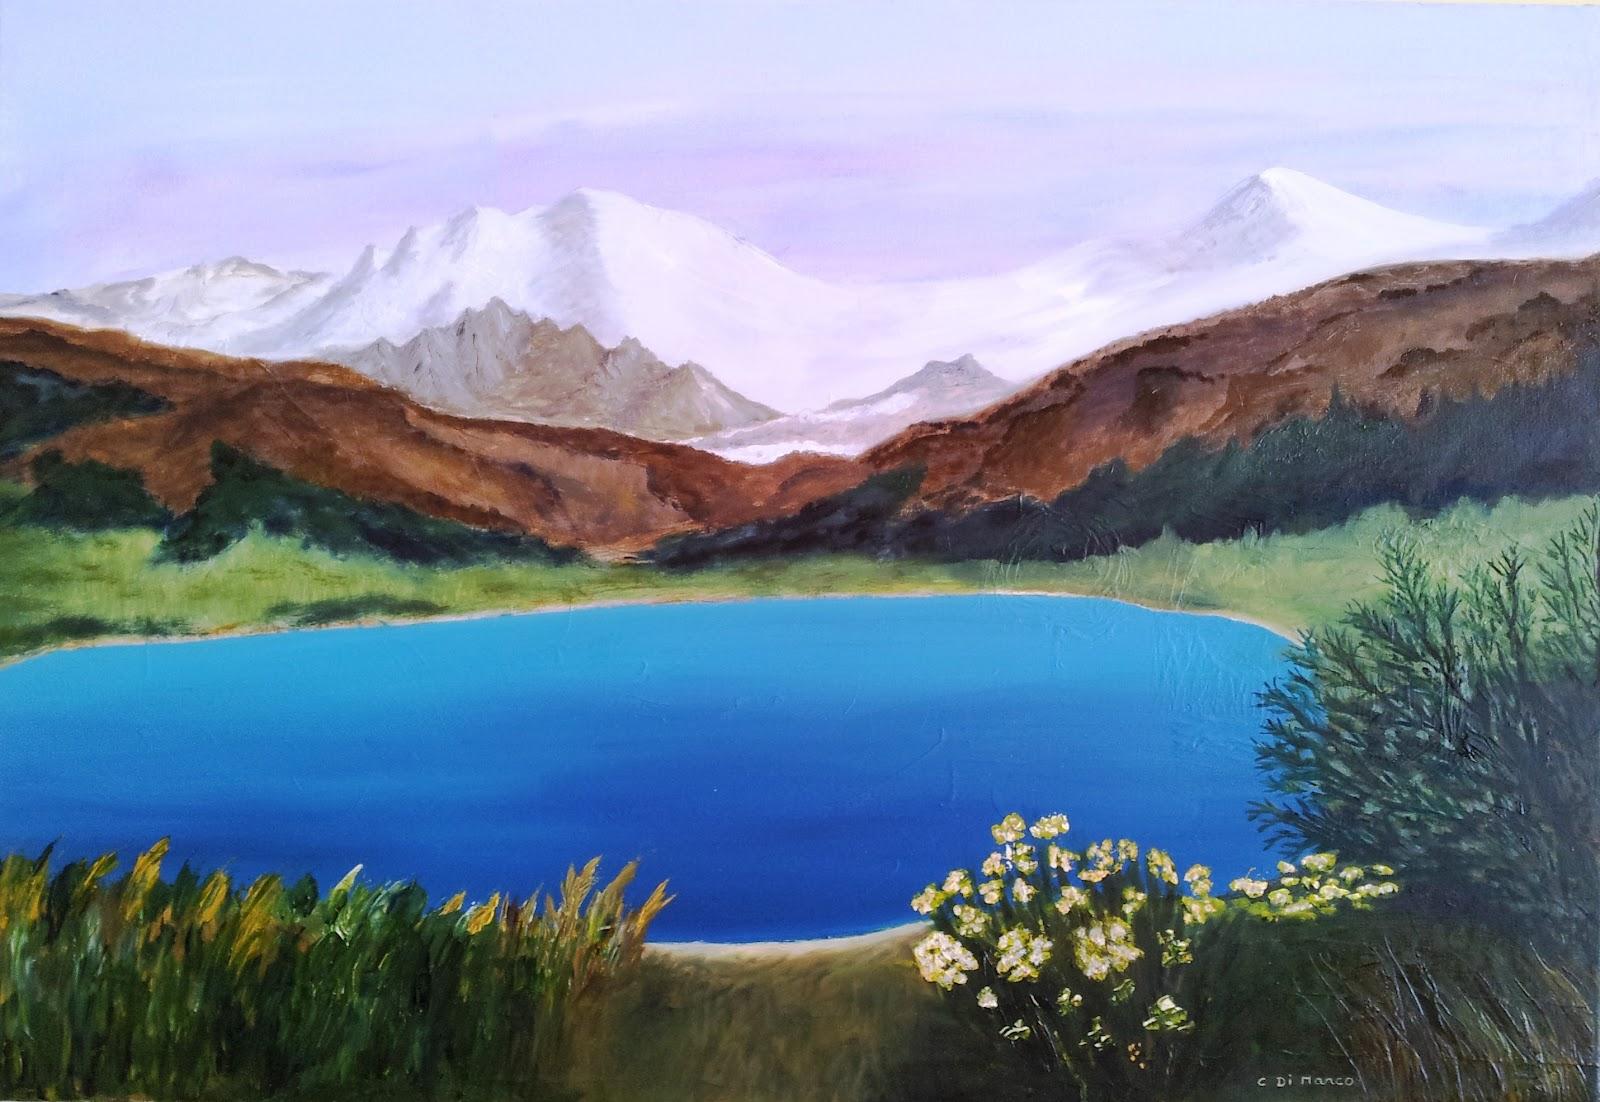 Peindre et dessiner le samedi au centre social et culturel de valmante christiane di marco - Dessin de montagne ...